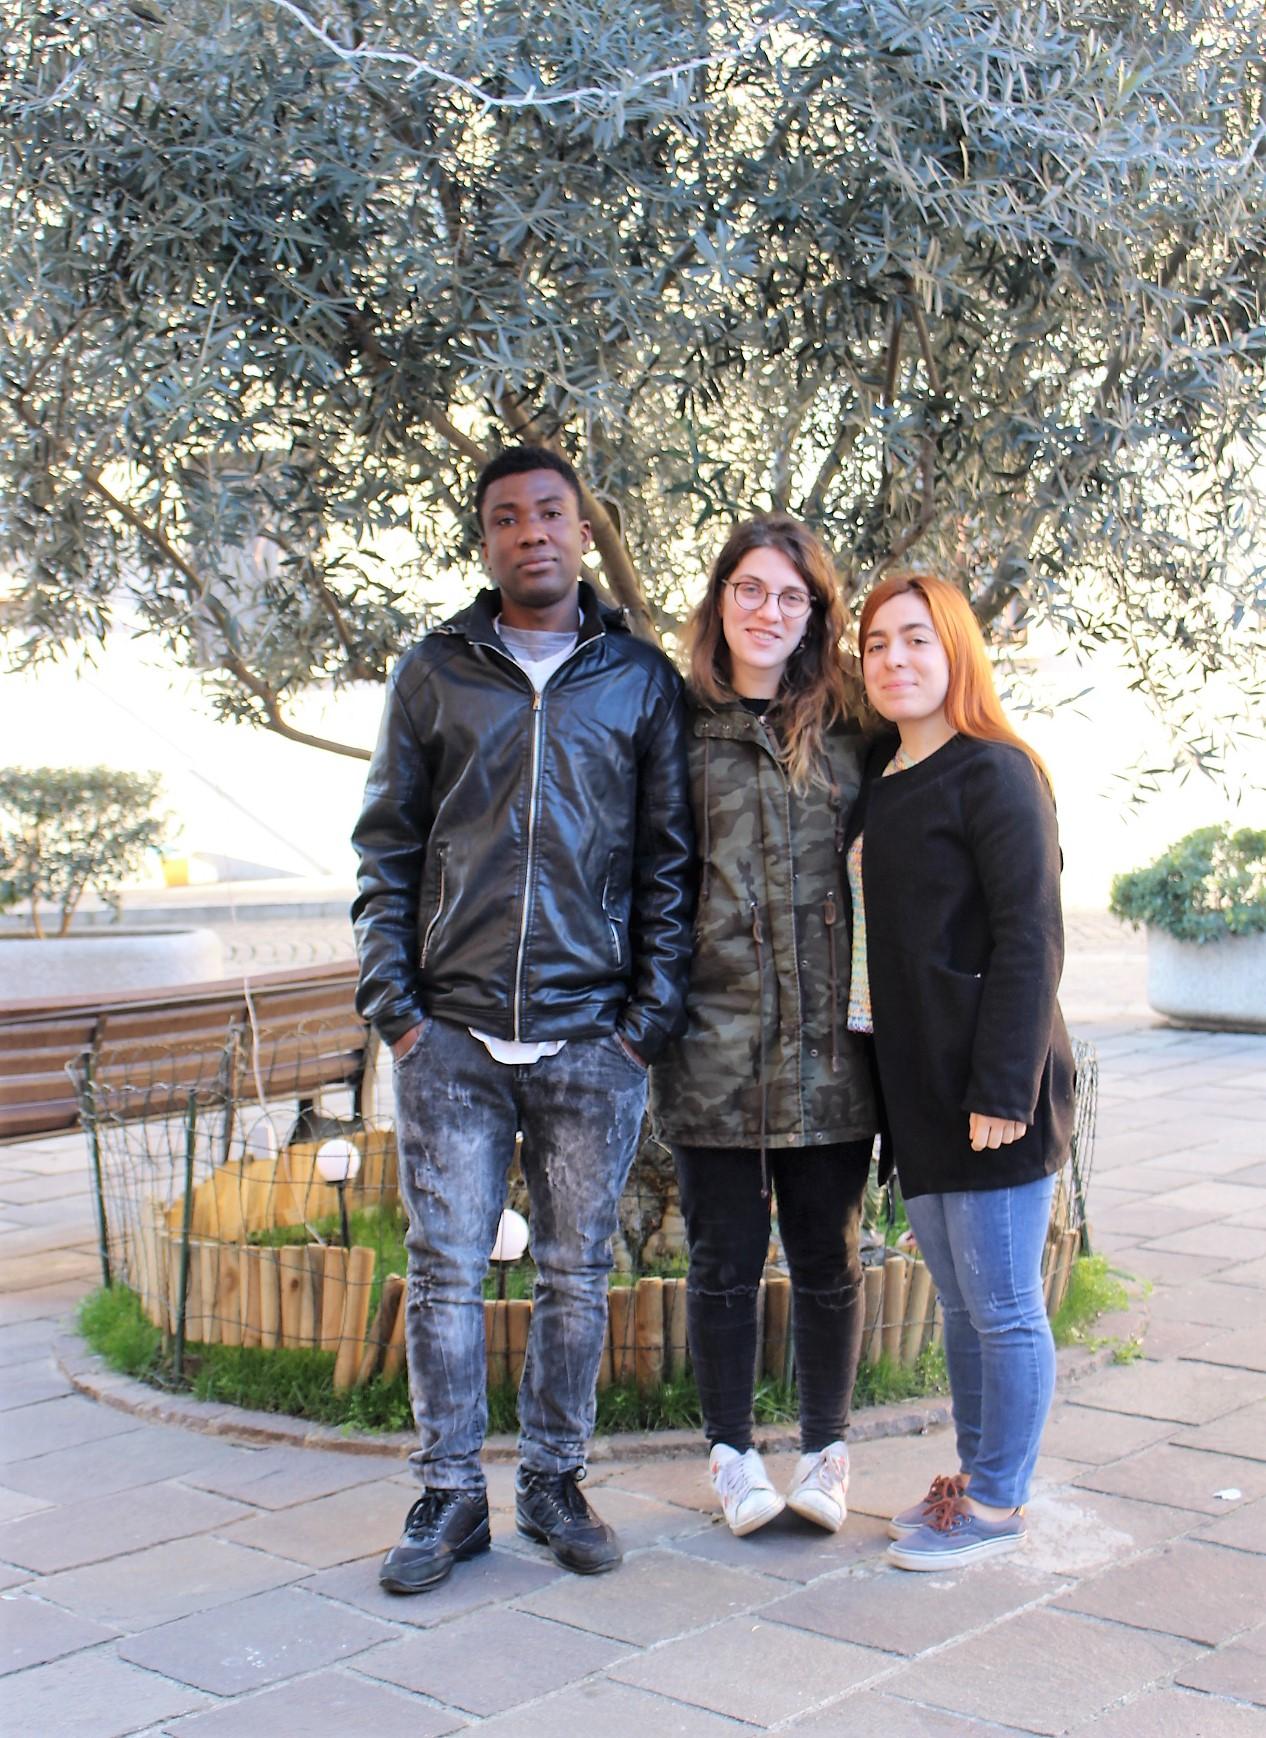 I nuovi volontari del Servizio Civile, scambio e crescita grazie a Dream Team